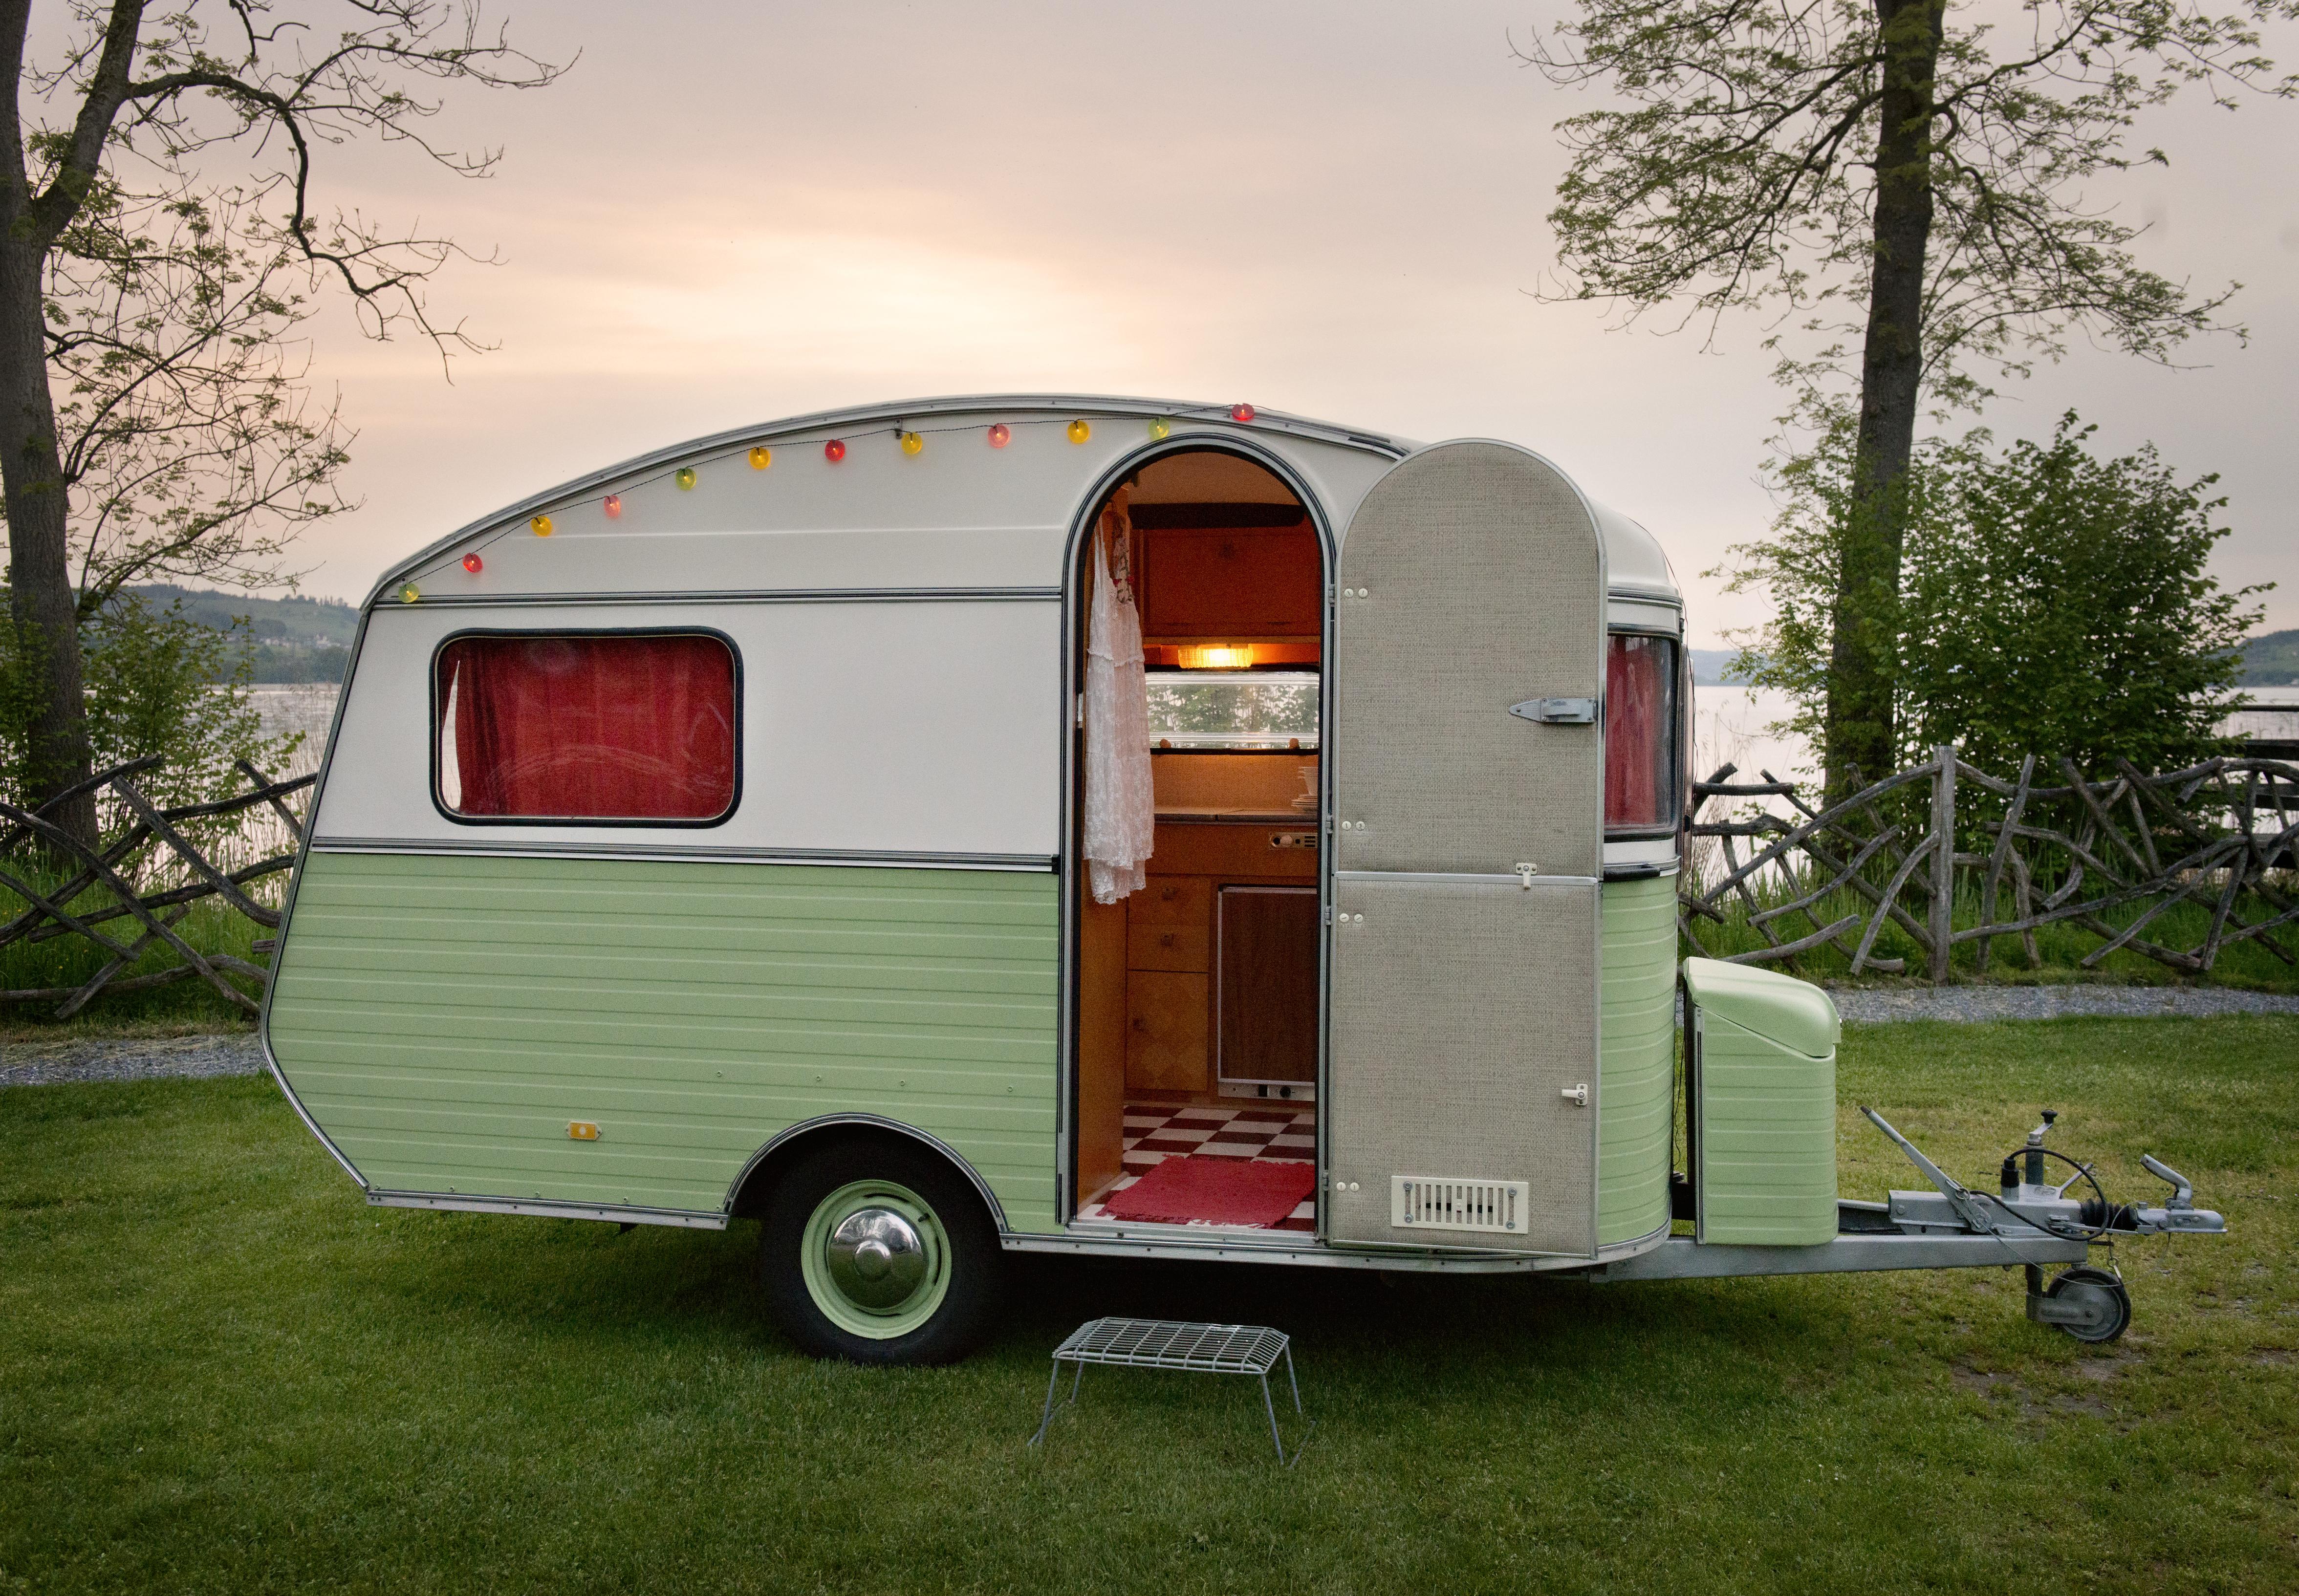 wohnwagen gebraucht wohnmobile gebraucht kaufen ebay html. Black Bedroom Furniture Sets. Home Design Ideas